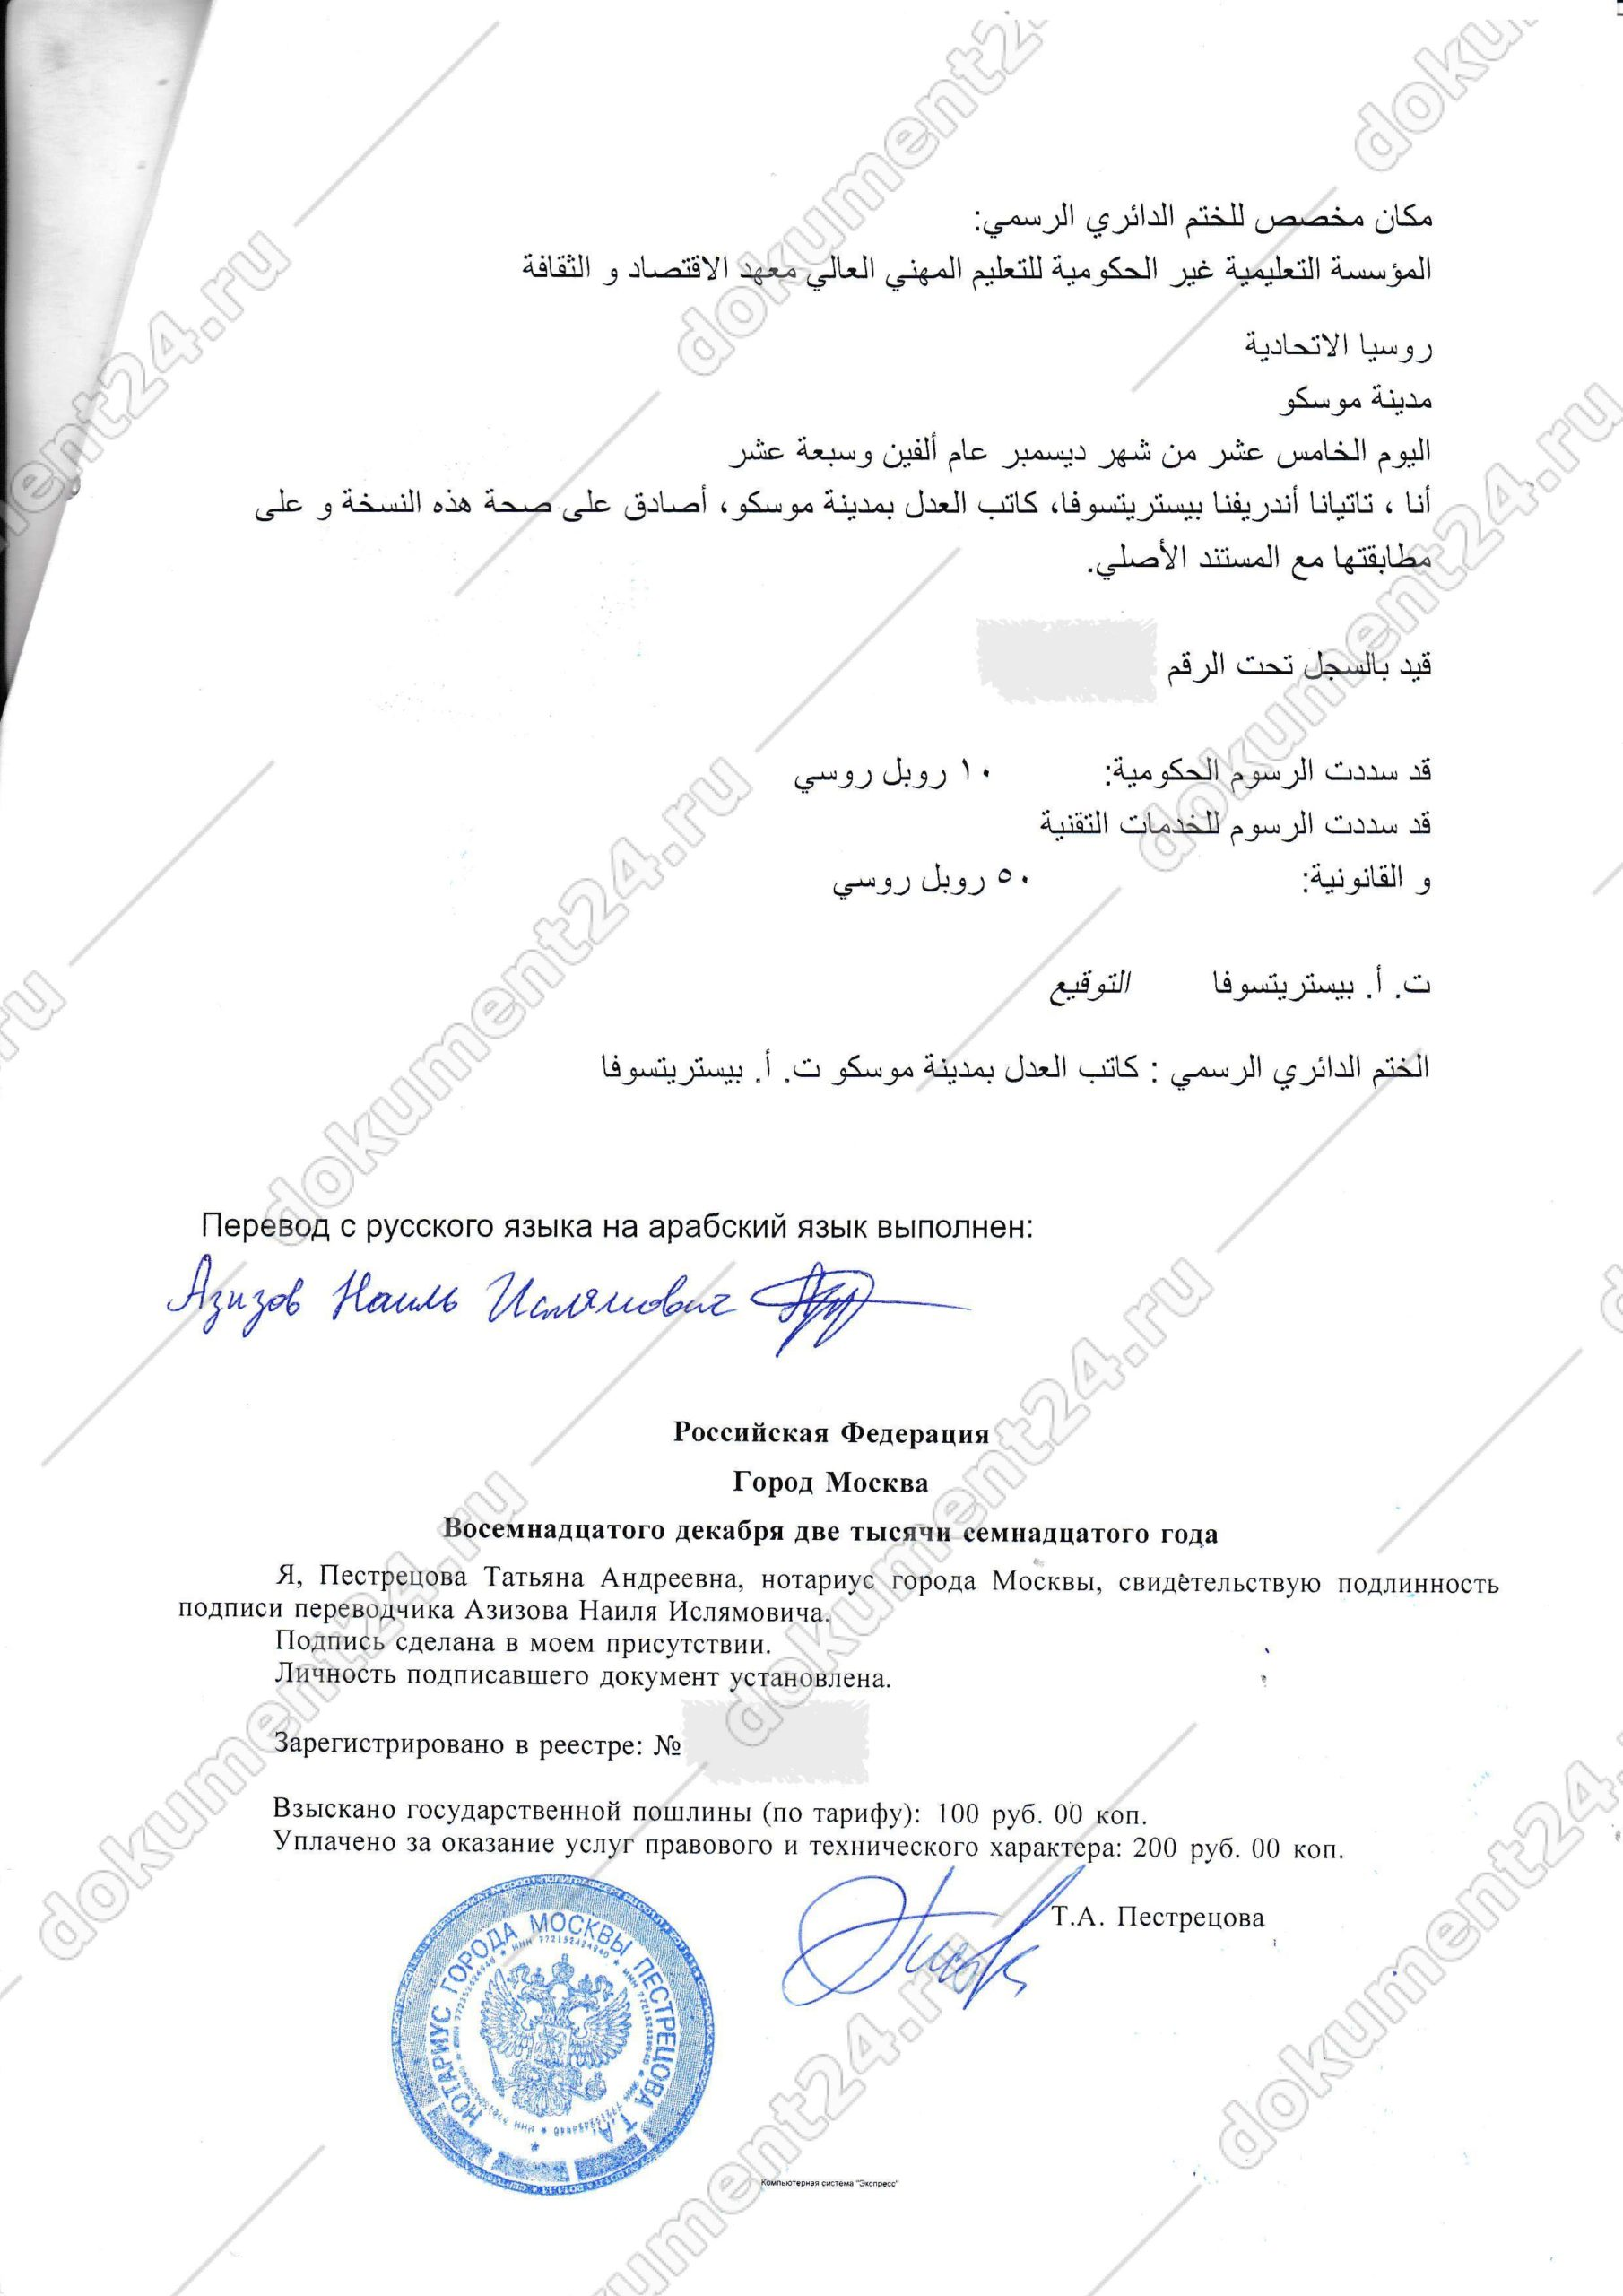 diplom perevod notarialnyy arabskiy oae